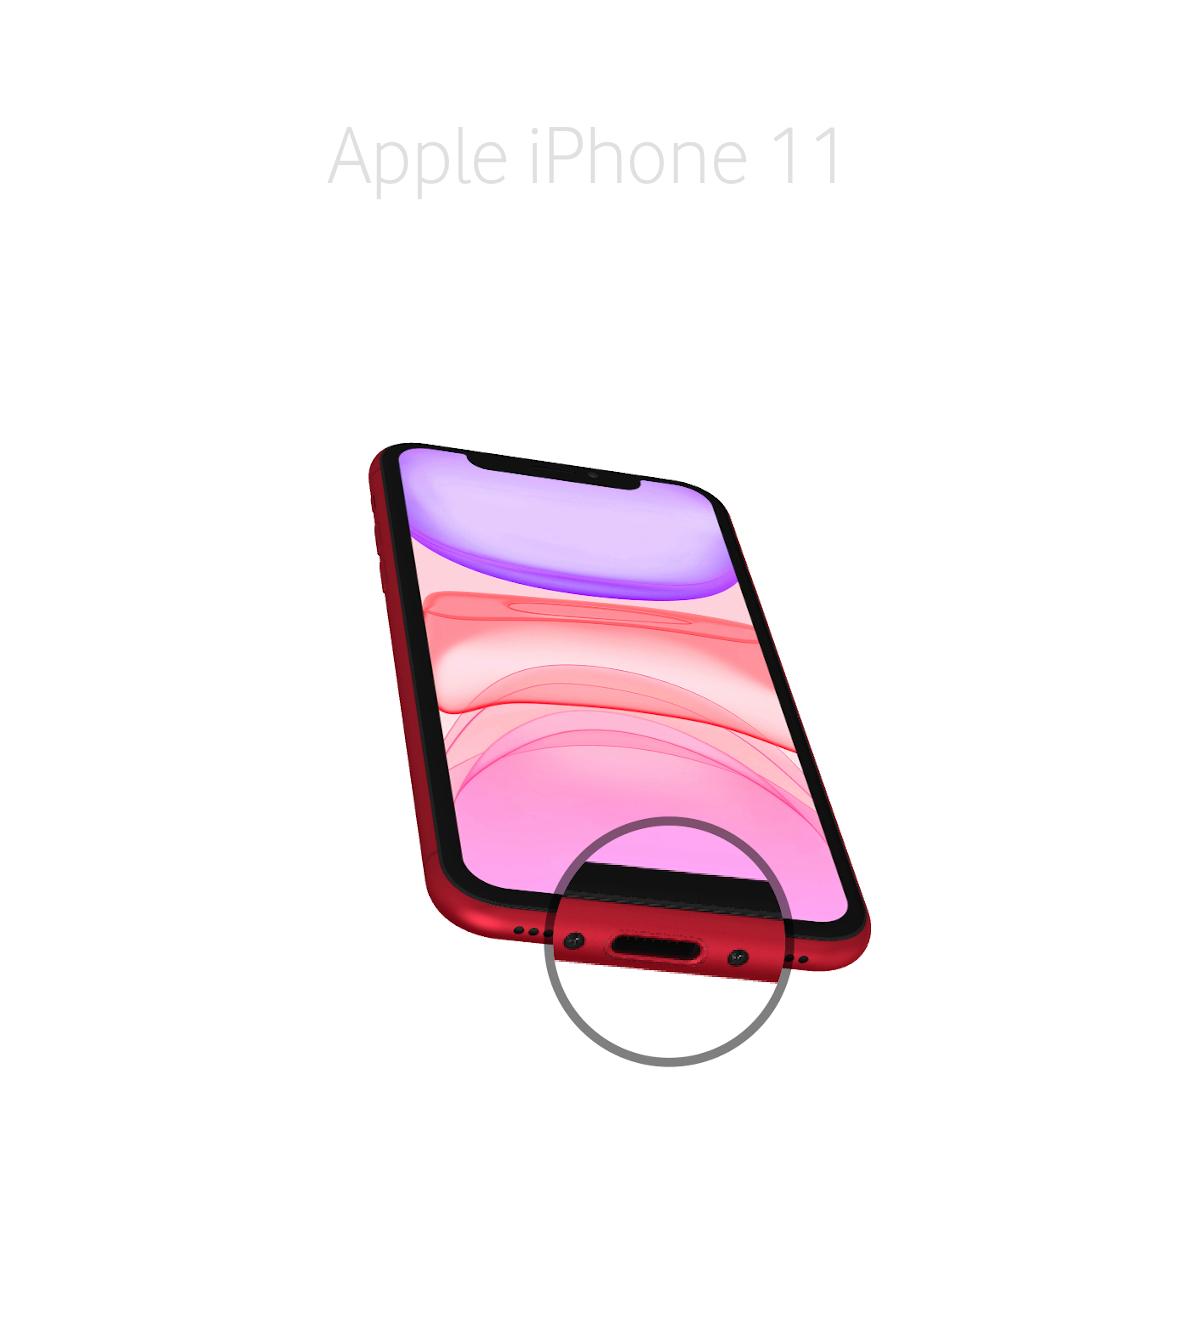 Laga audiokontakt iPhone 11